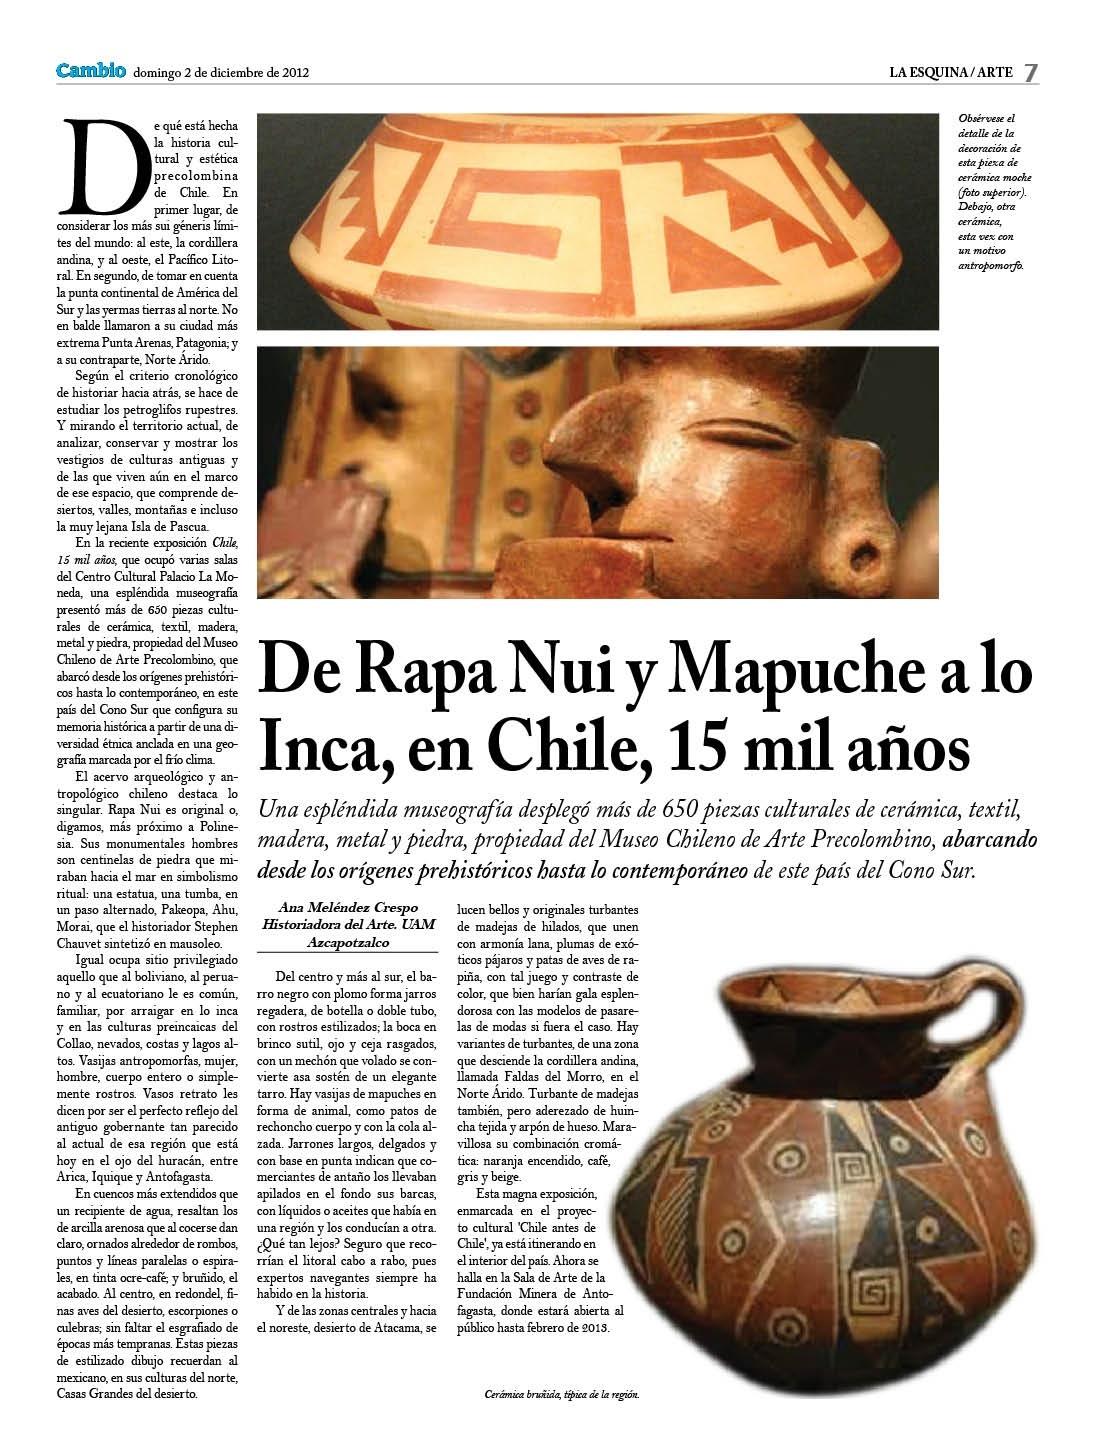 De Rapa Nui y Mapuche a lo Inca, Chile, 15 mil años